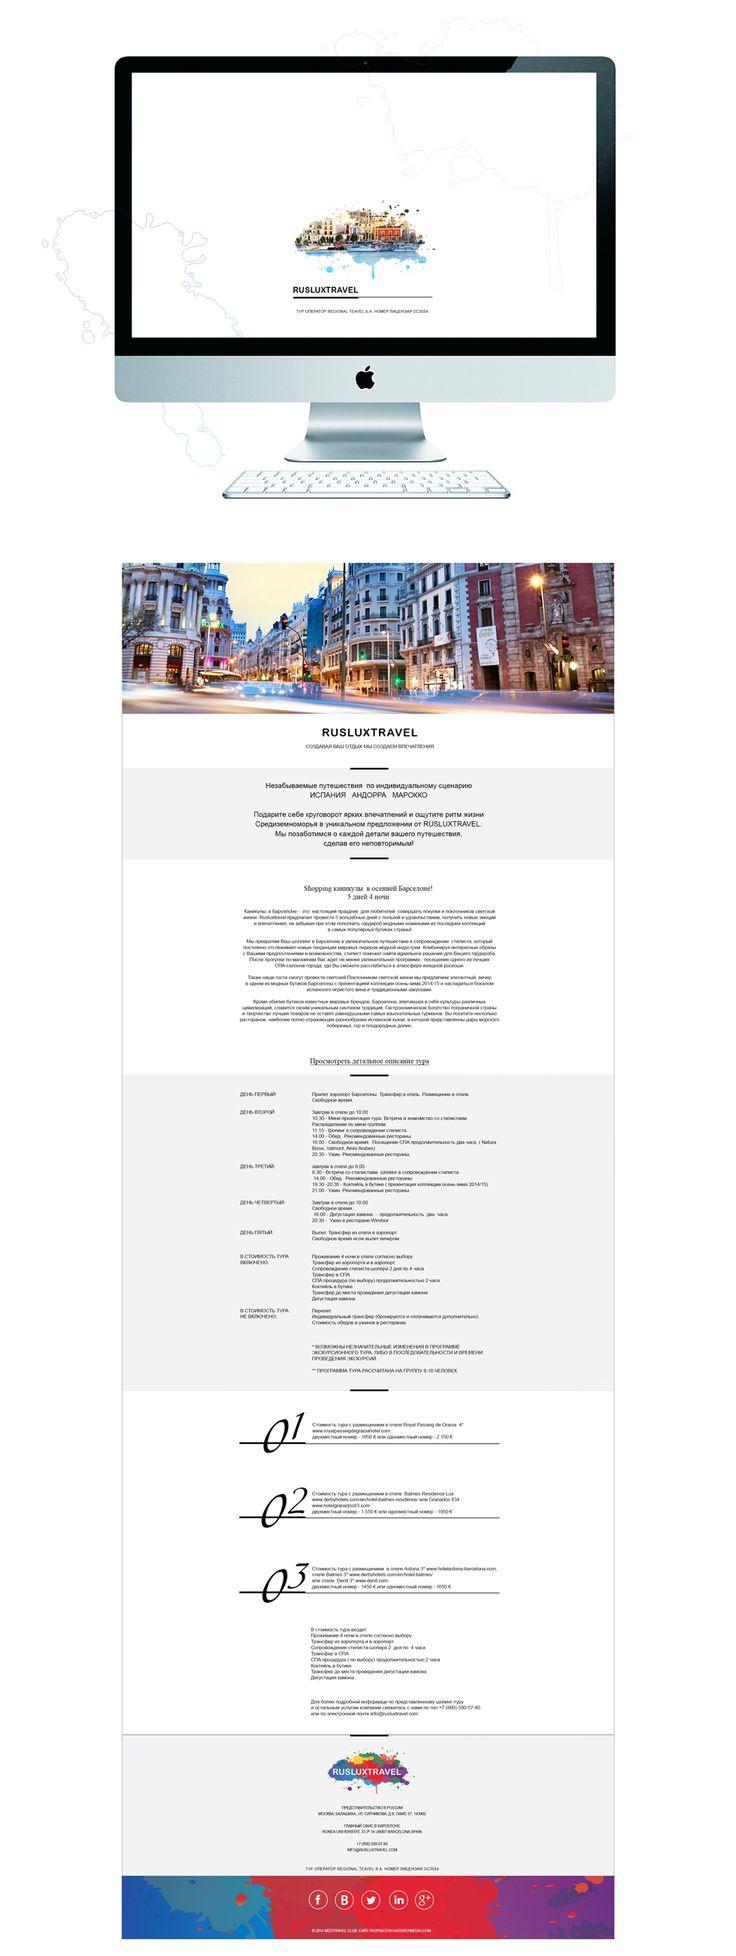 Сайт для тур-агентства RusLuxTravel – Разработка сайта-спецпредложения для туристической компании в Испании «RusLuxTravel»